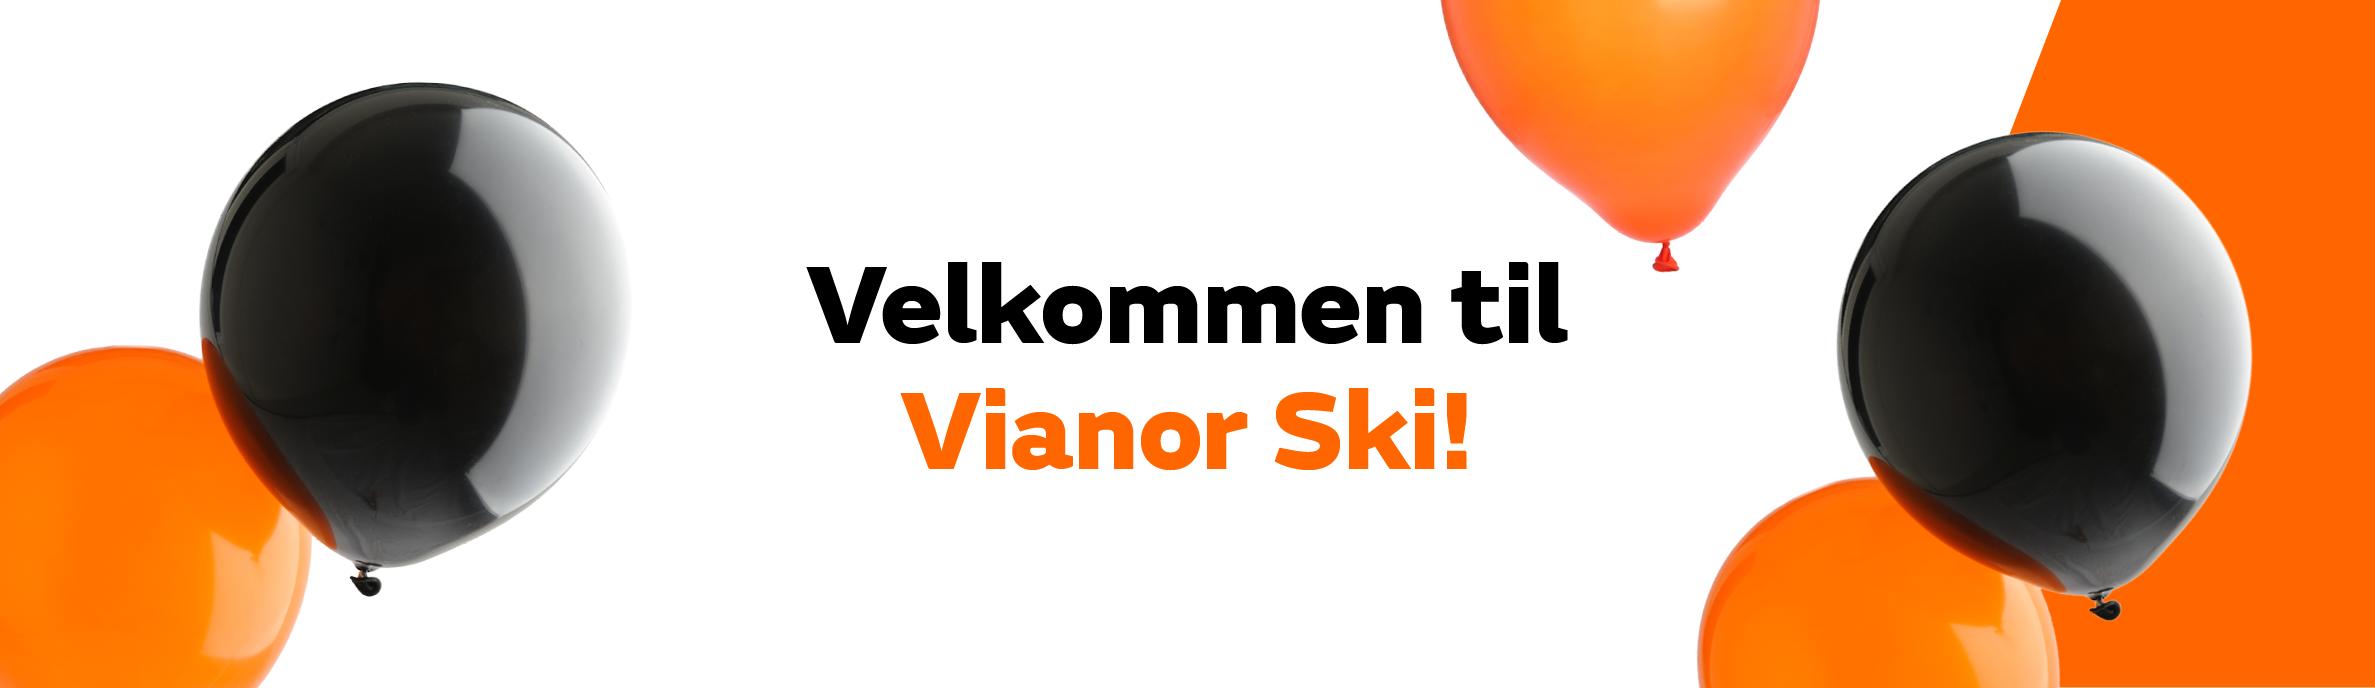 Velkommen til Vianor Ski